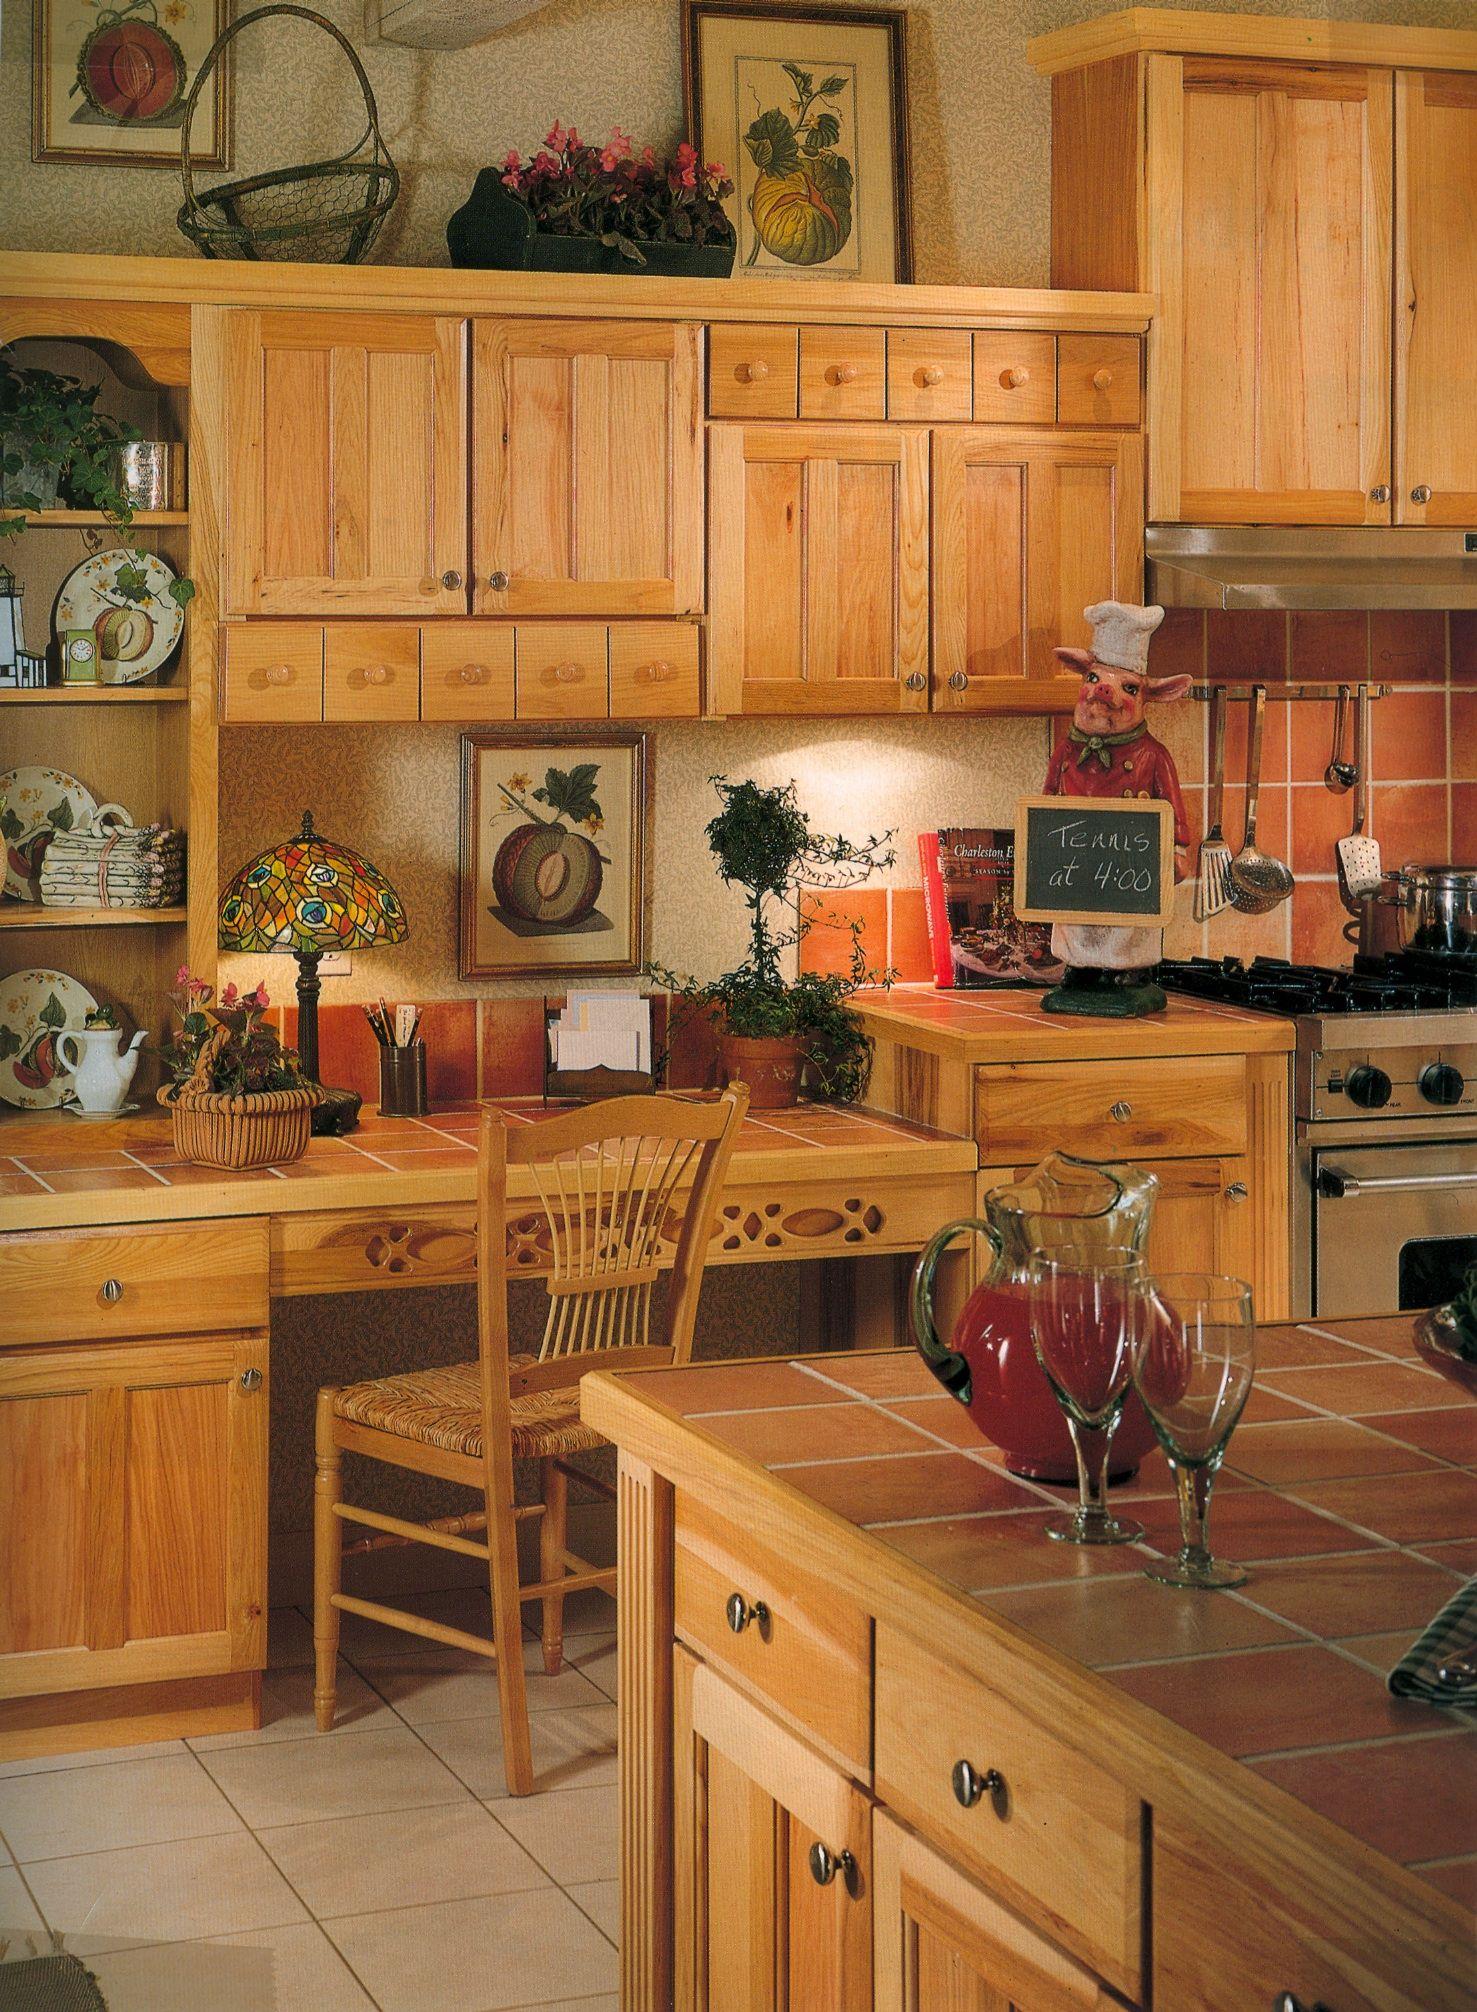 Küchenideen mit dunkelbraunen schränken desk work area  bauernküchen in   pinterest